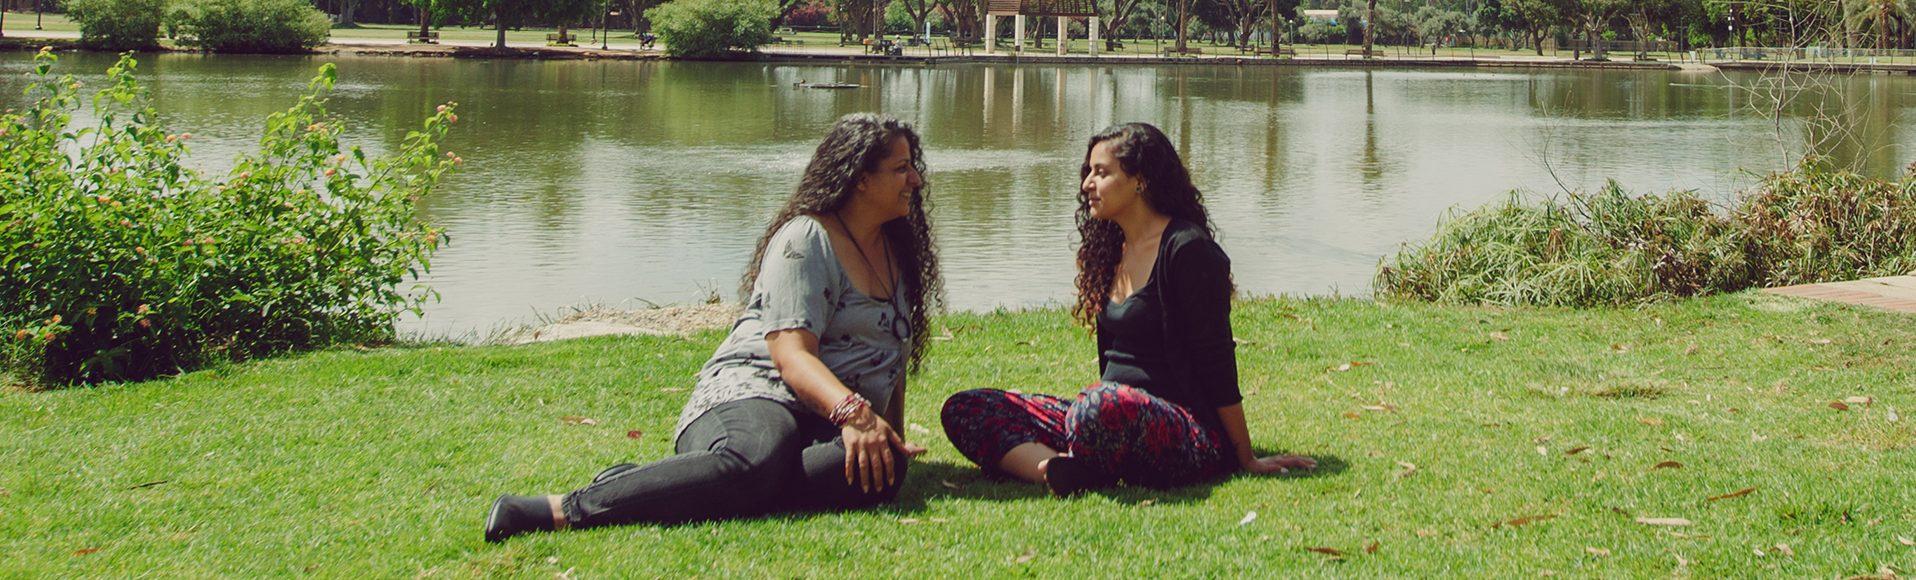 שתי נשים משוחחות ליד אגם